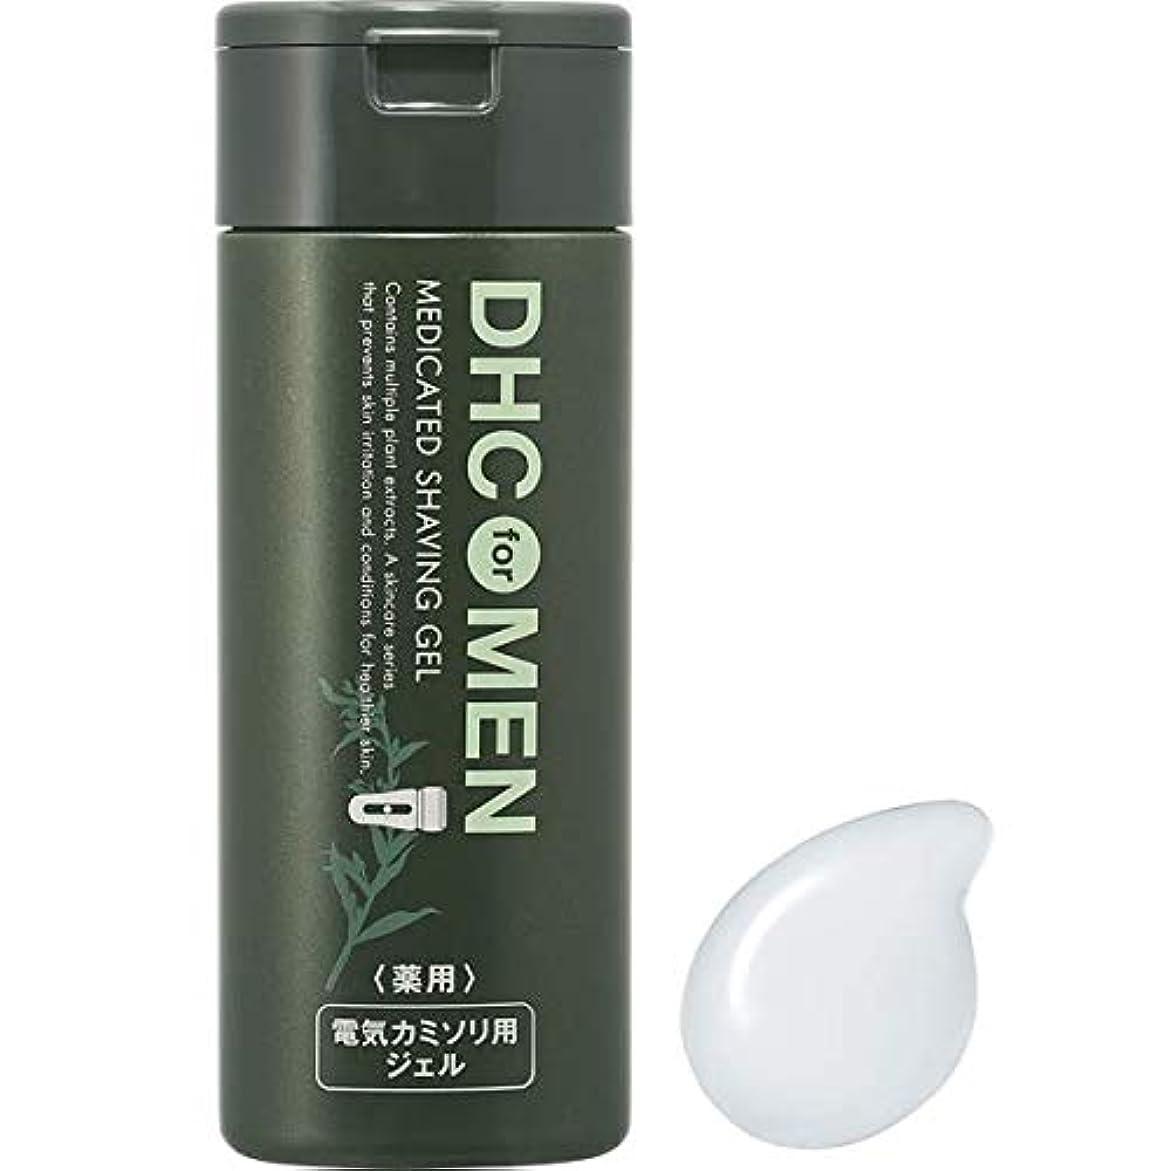 合法高原ロマンスDHC for MEN 薬用 シェービング ジェル(電気カミソリ用ジェル)